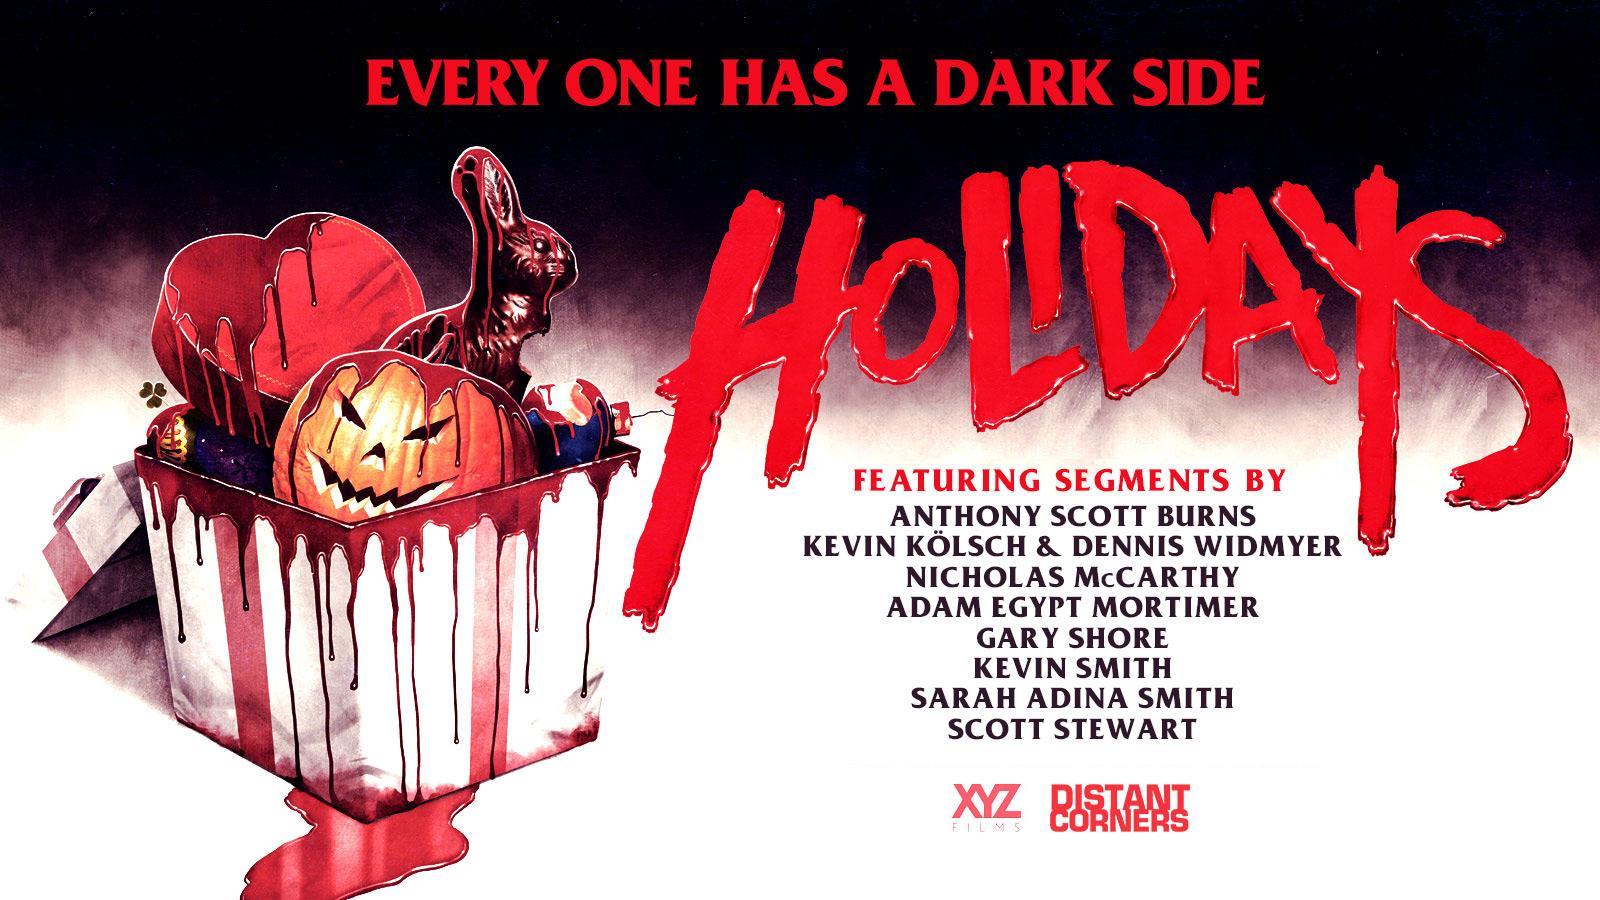 مشاهدة فيلم Holidays 2016 HD مترجم كامل اون لاين